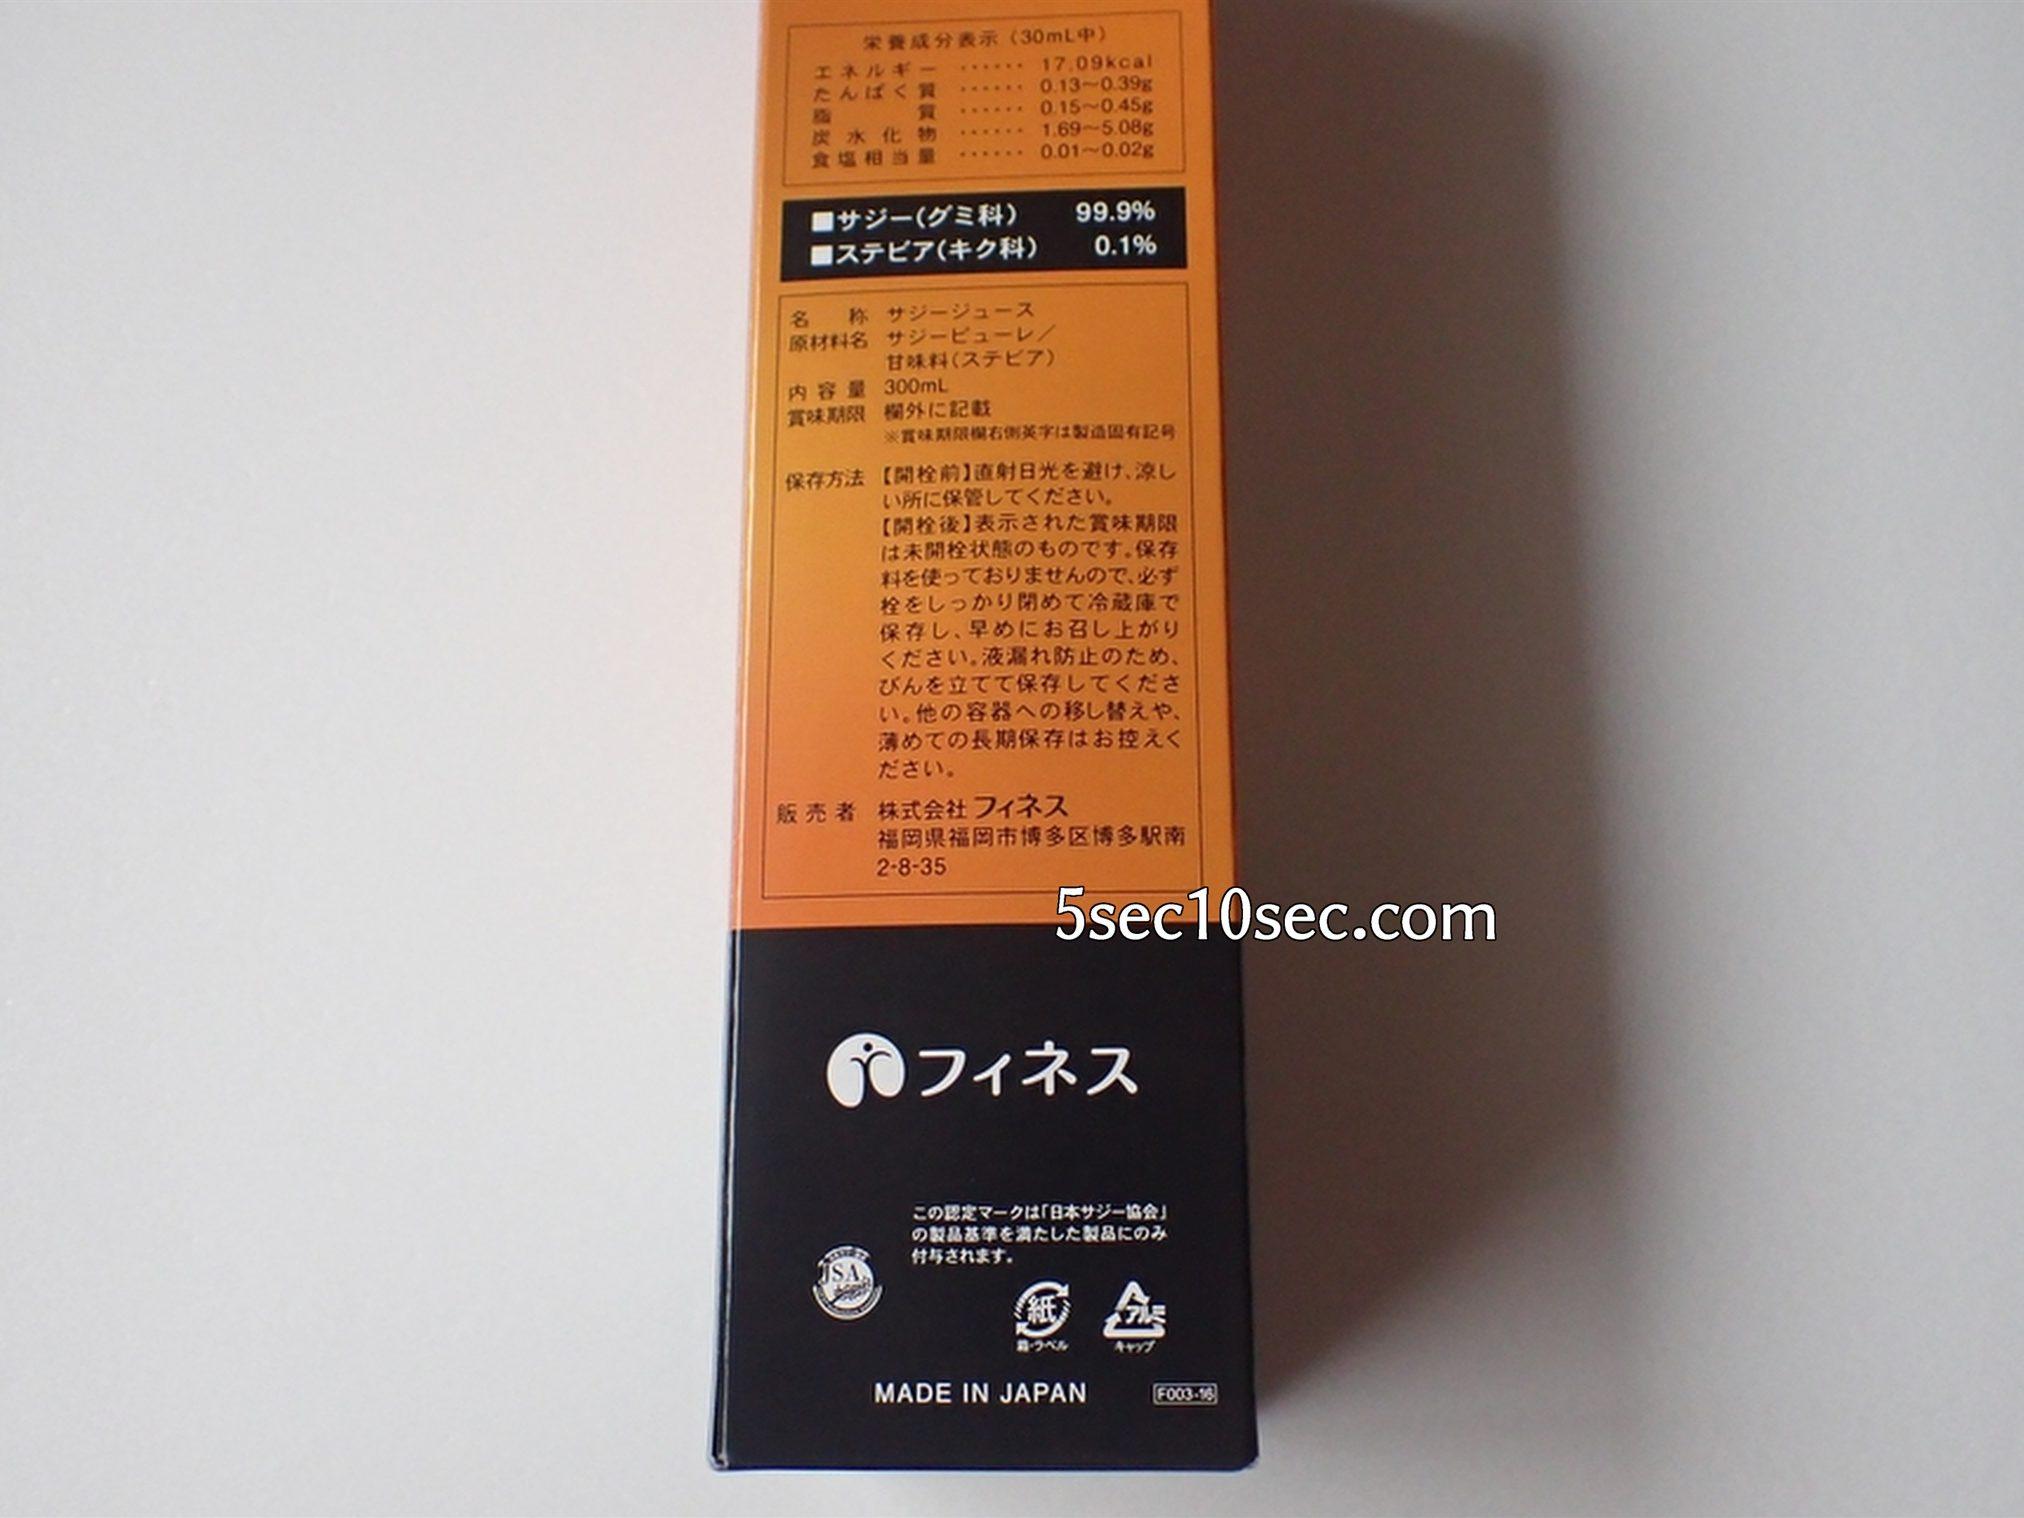 株式会社フィネス 黄酸汁 豊潤サジー 栄養成分表示 原材料名